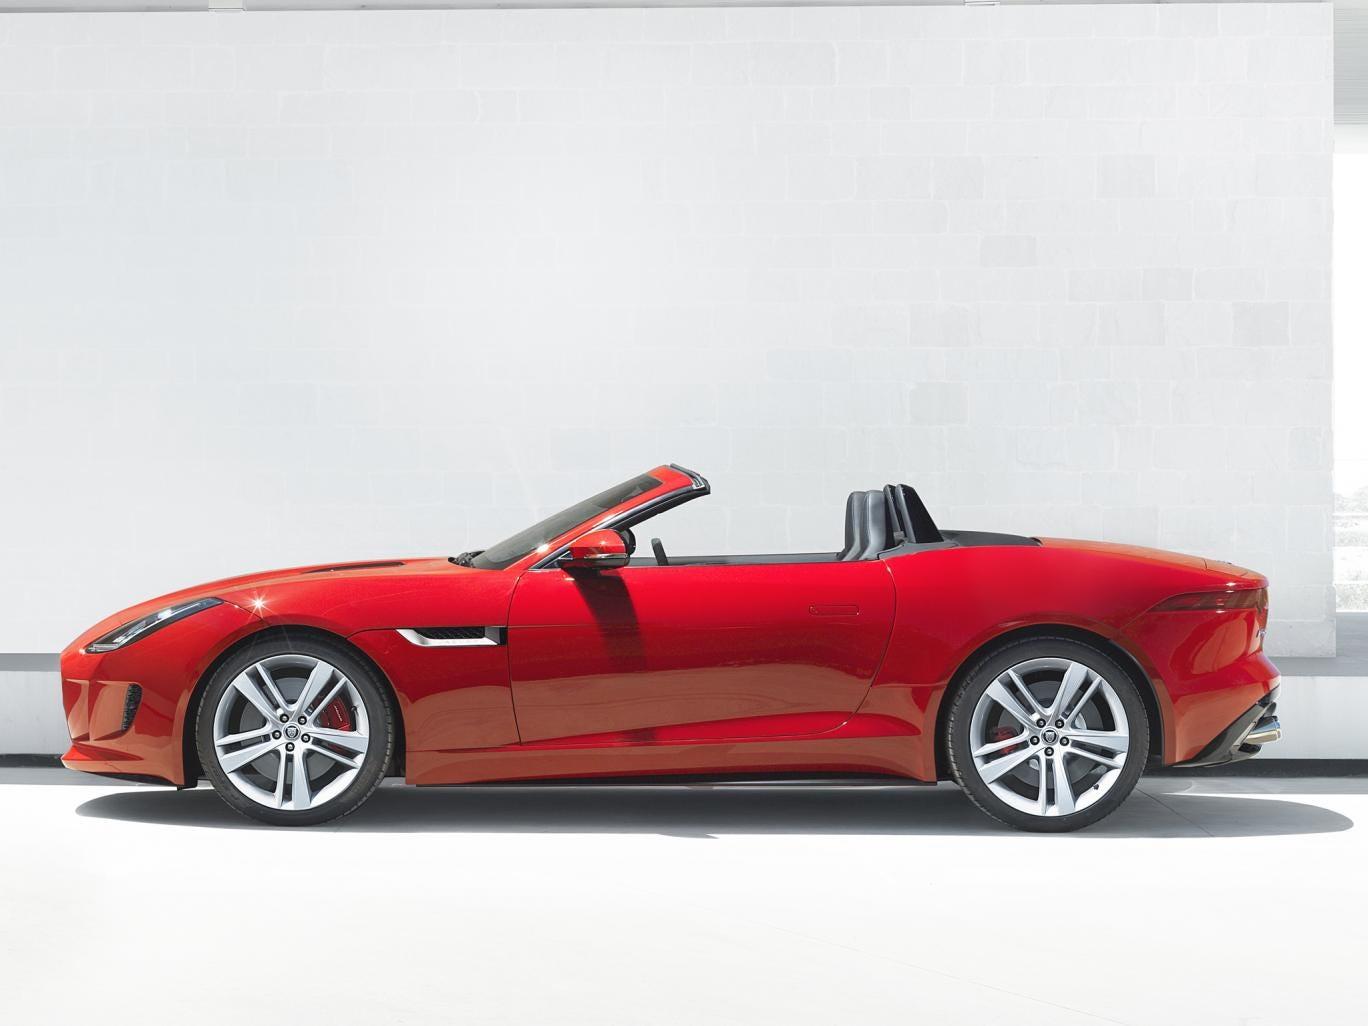 The new Jaguar F-Type unveiled in Paris